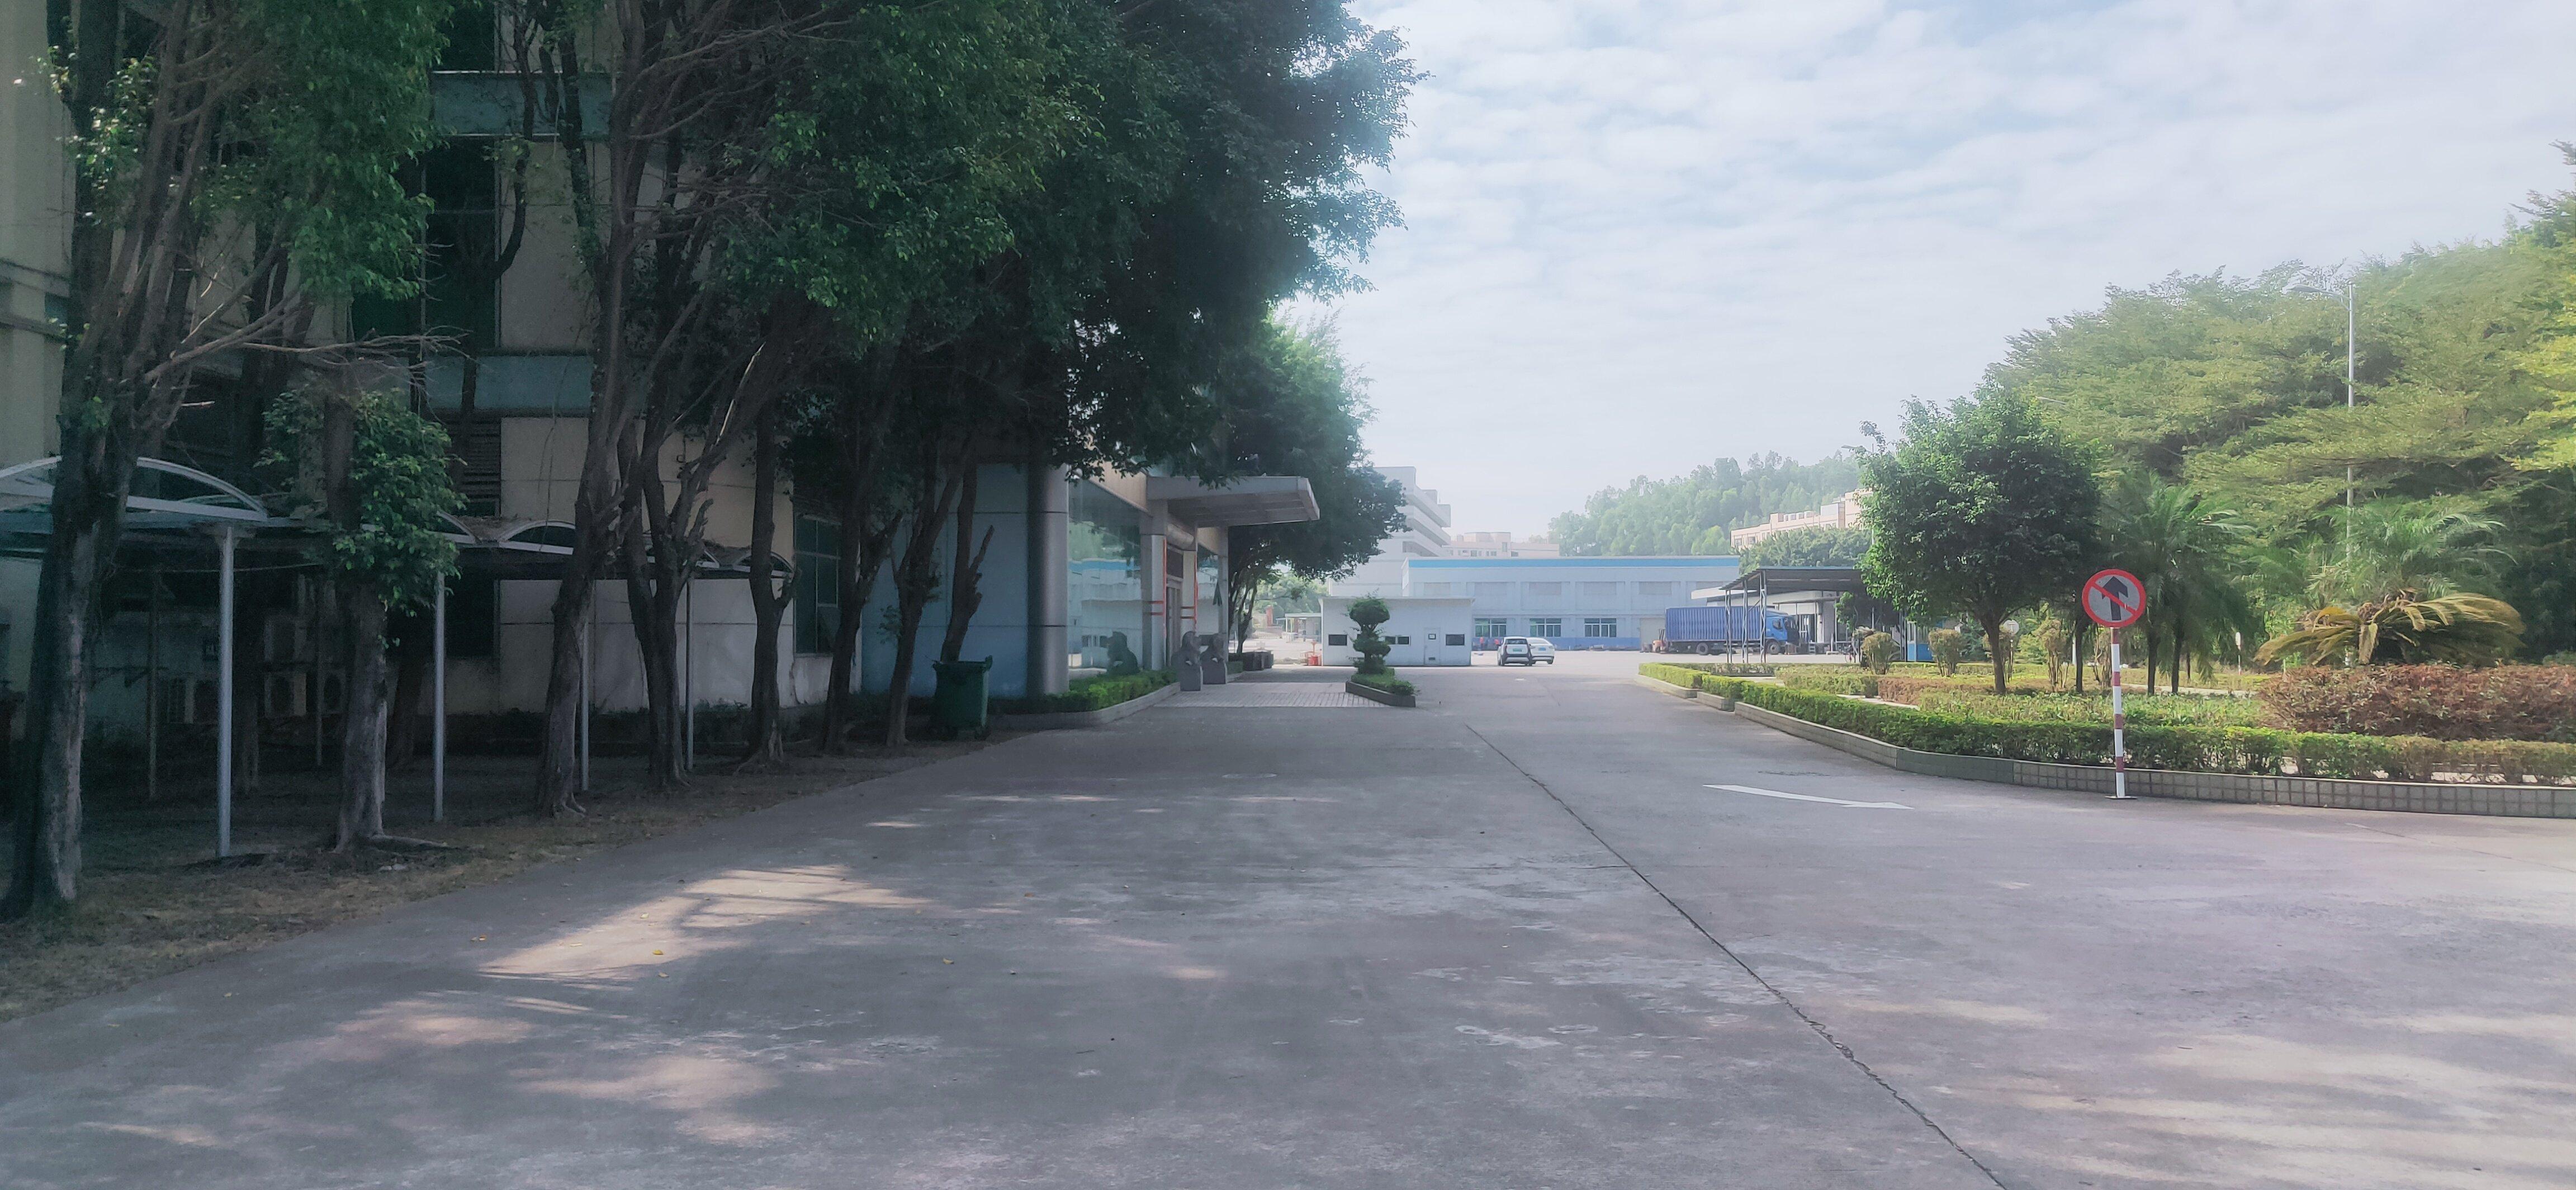 新出!平湖大工业园花园式厂房仓库16800平方出租